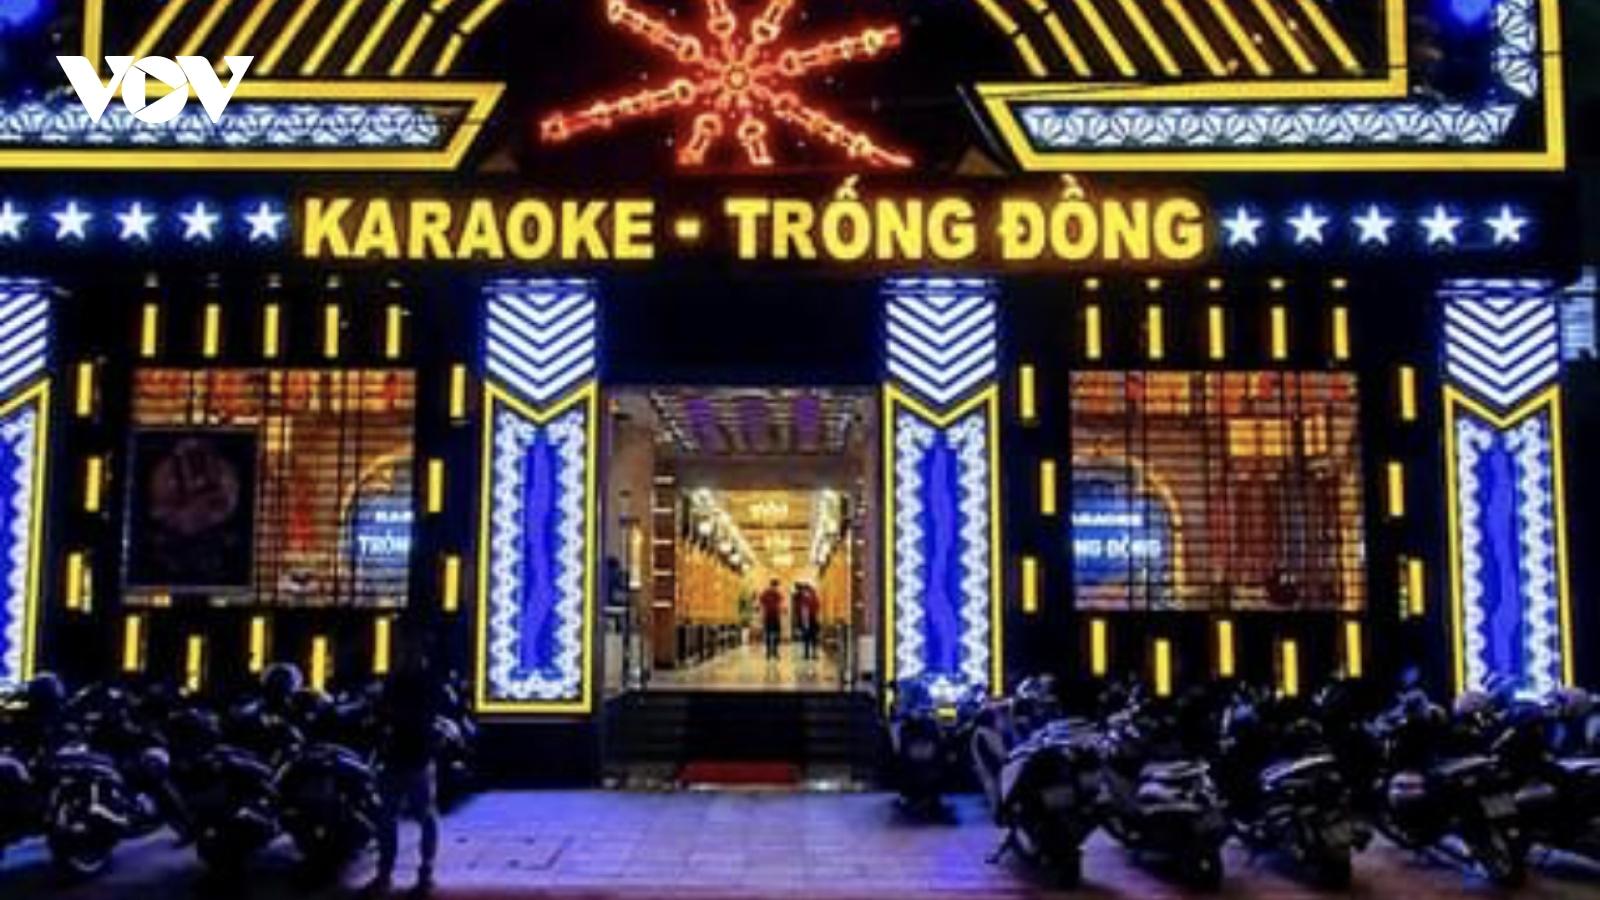 Tạm đình chỉ 4 cán bộ phường để quán karaoke hoạt động giữa cao điểm dịch